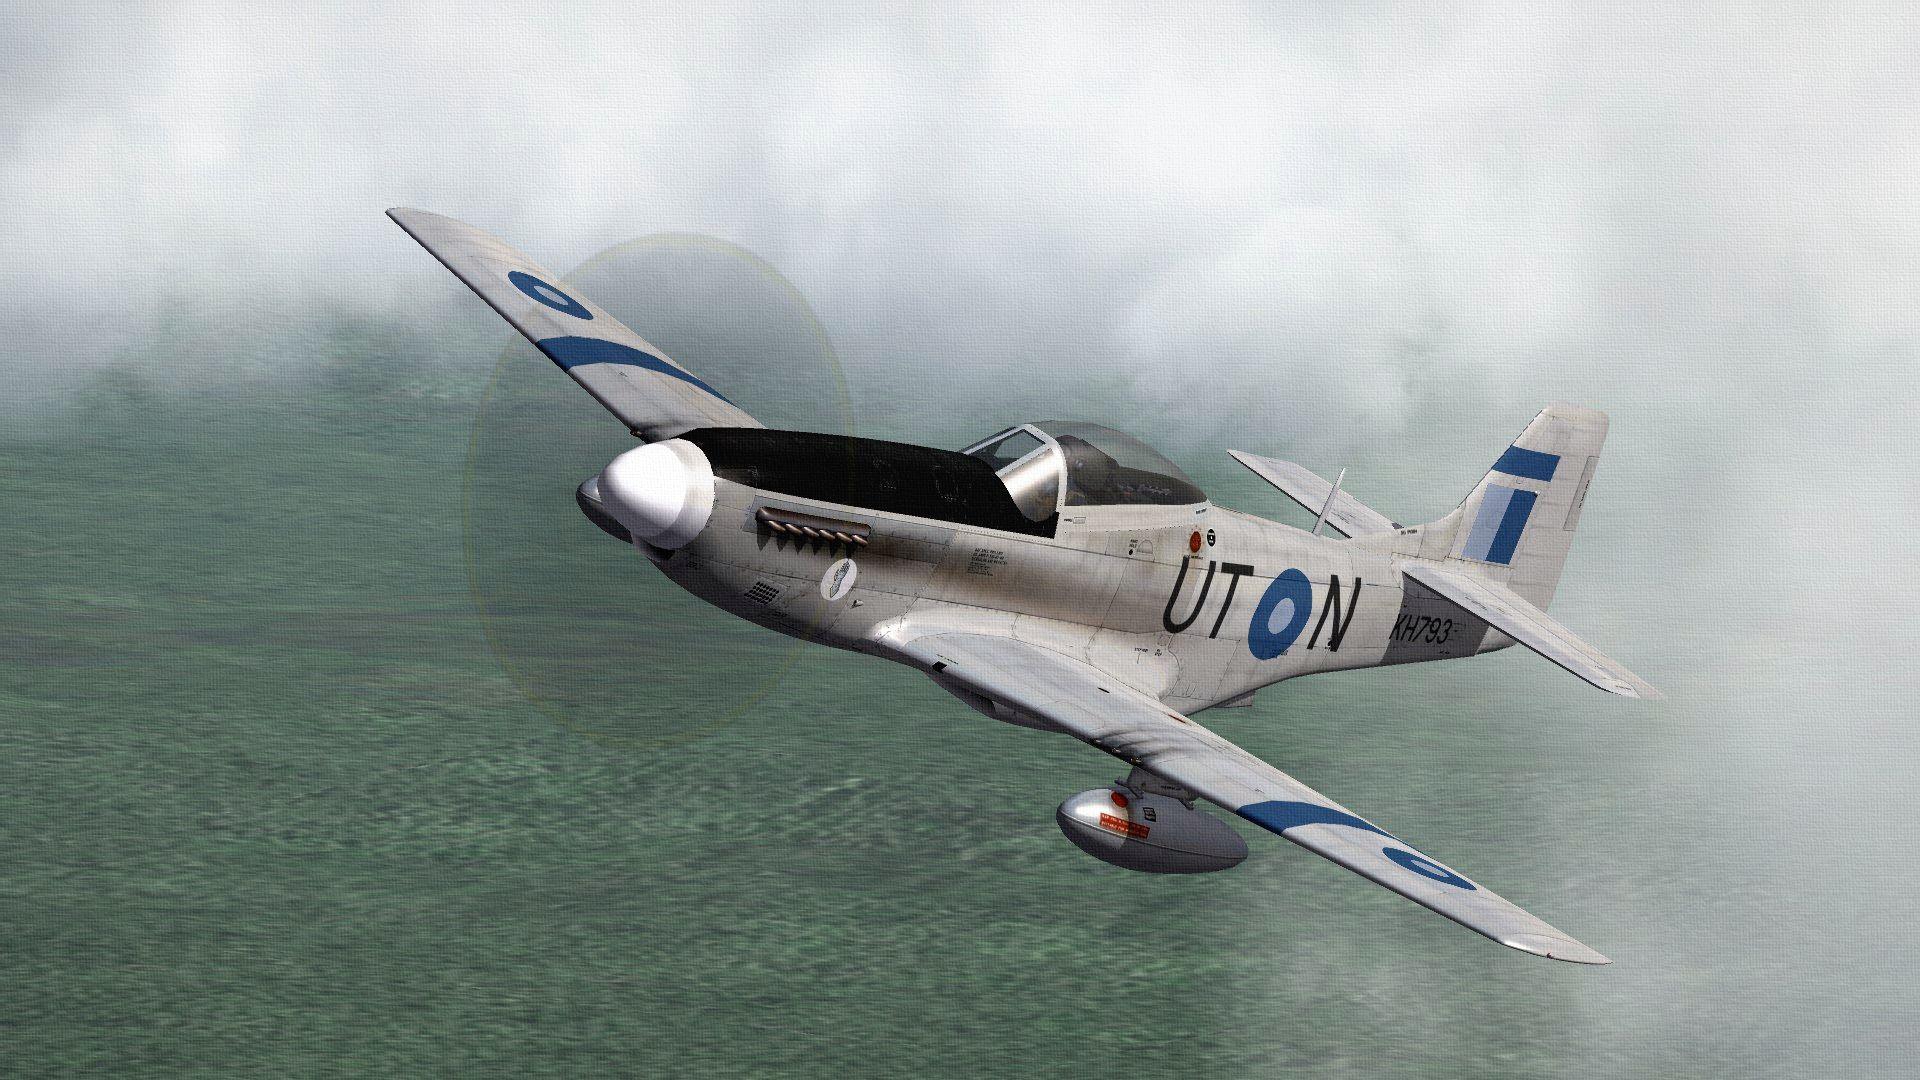 RAFP-51DMUSTANG409_zpsd14a0db7.jpg